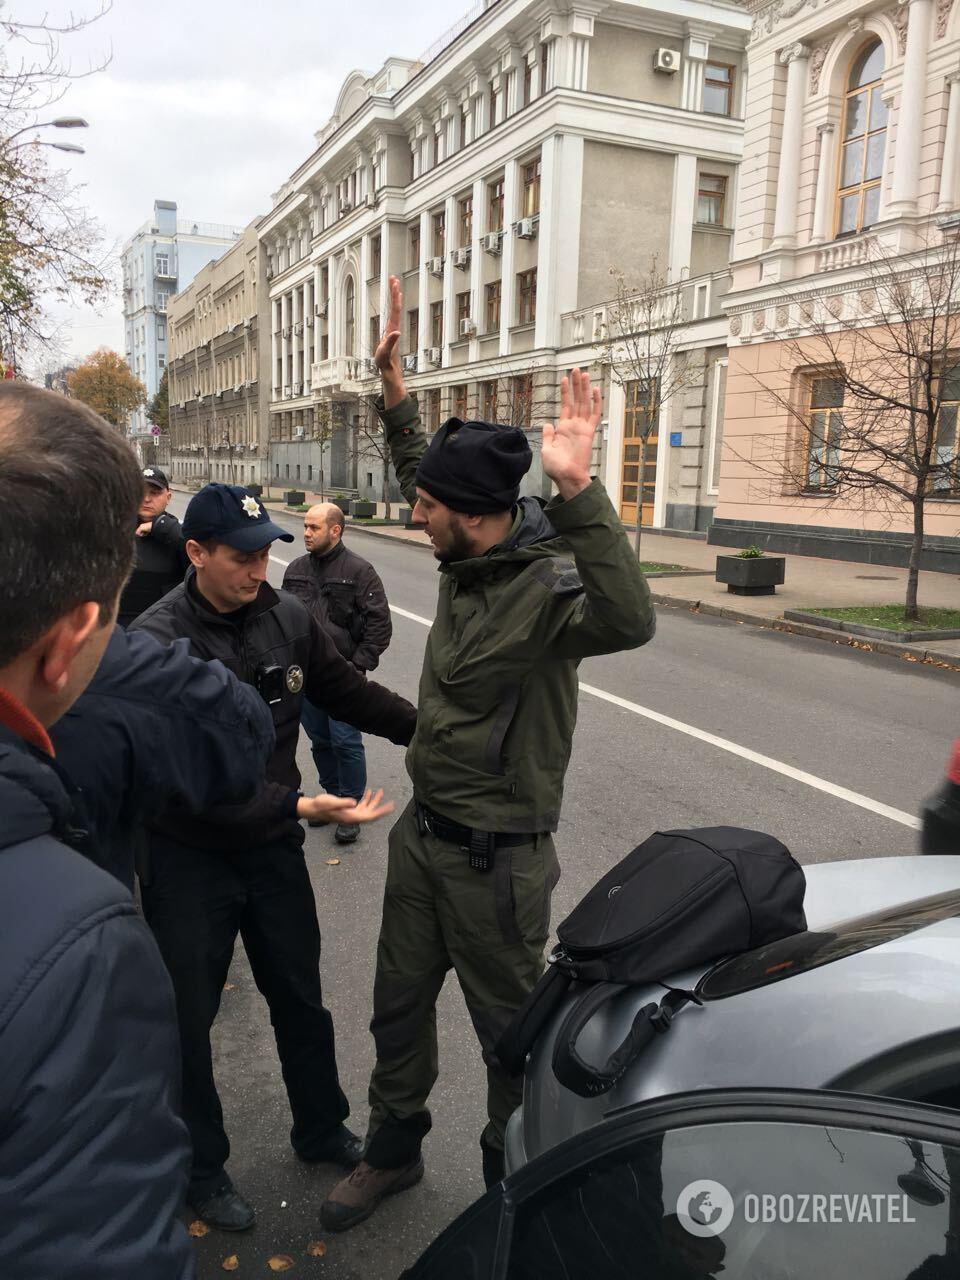 """Задержание вооруженного мужчины под Радой: """"Обозреватель"""" узнал имя"""